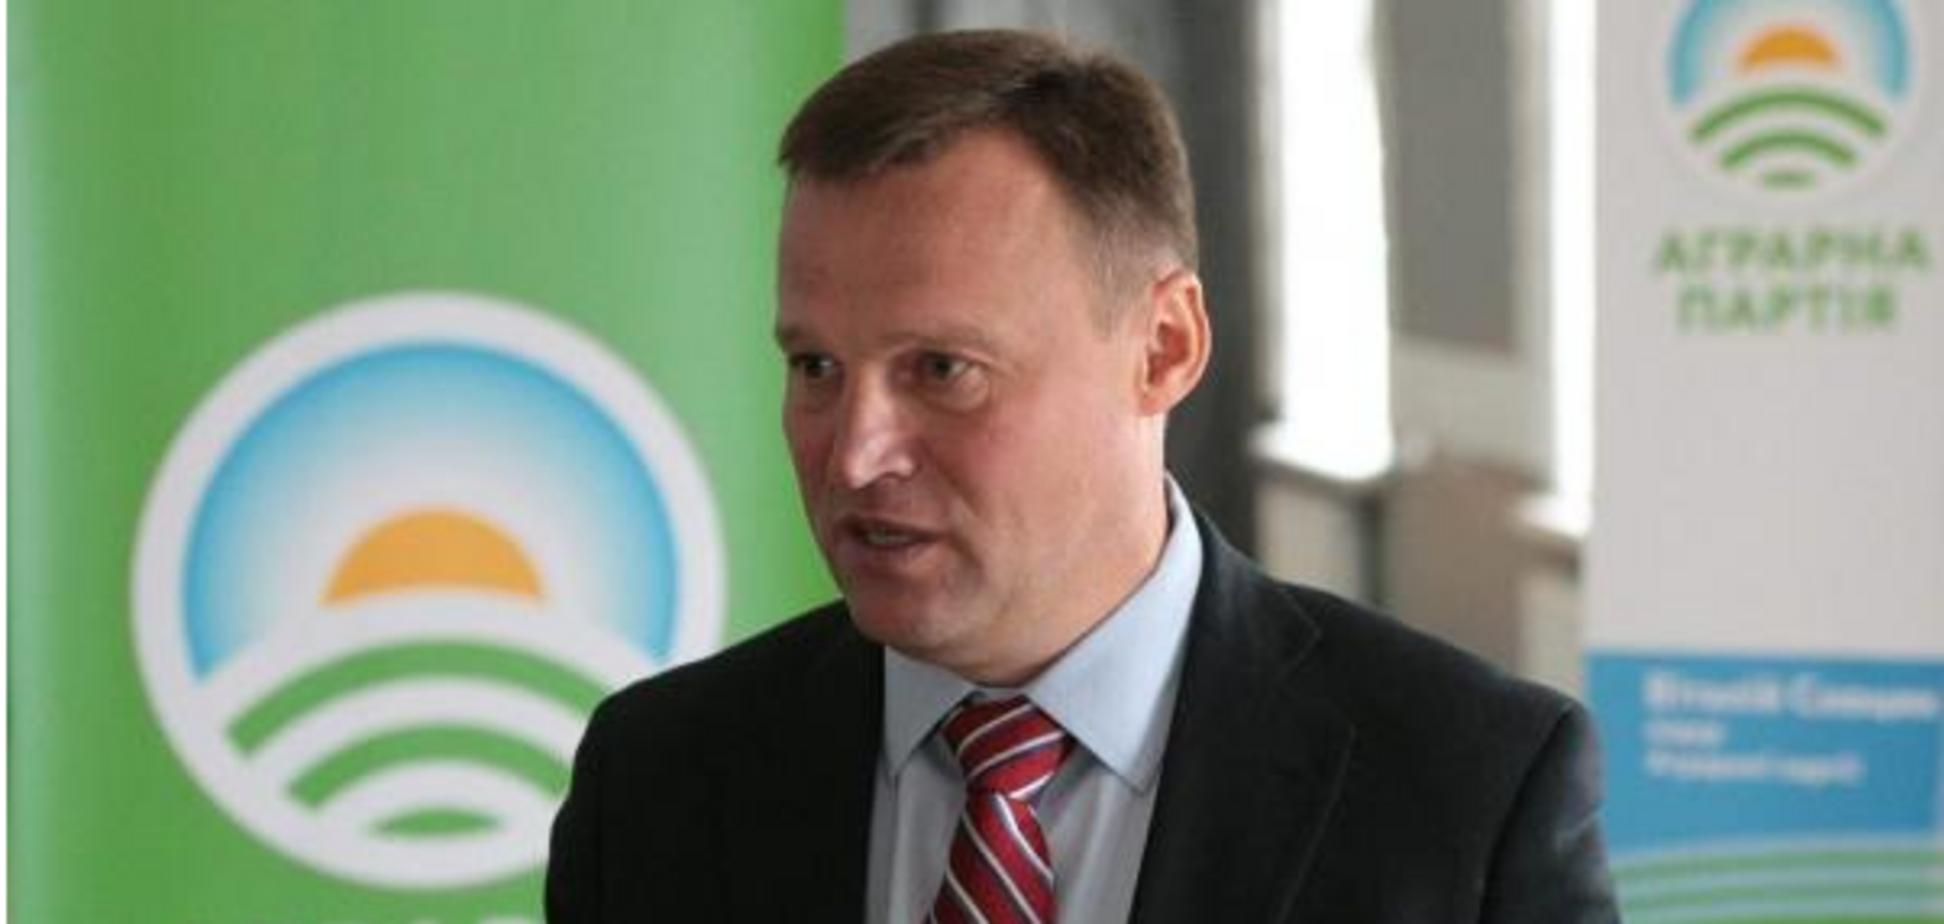 Скоцик хотел стать президентом - политтехнолог Грановский